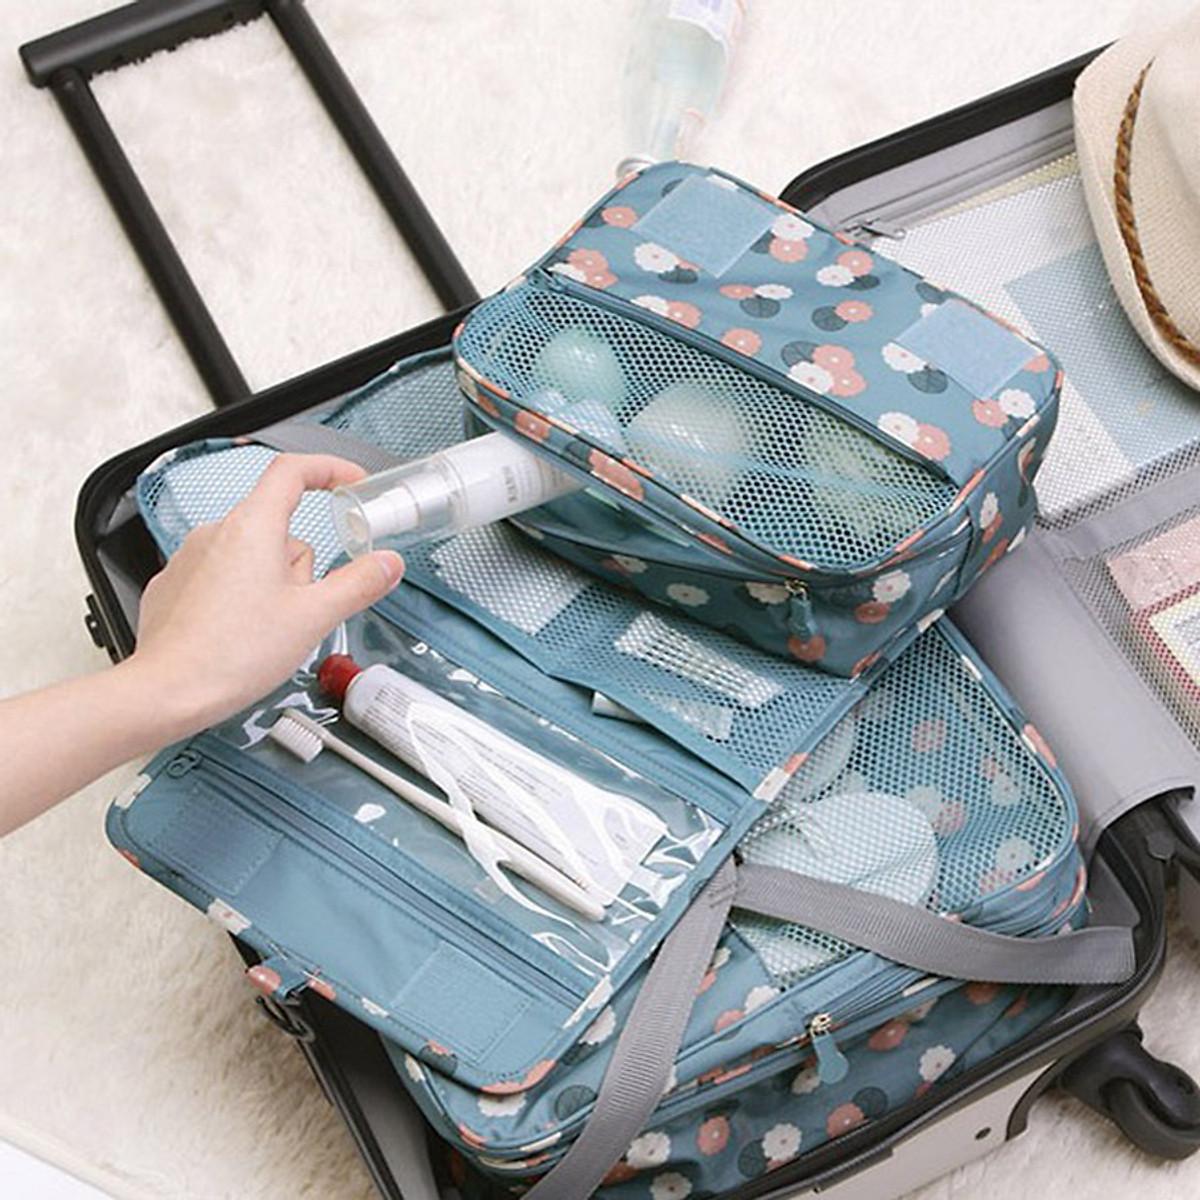 Túi đựng mỹ phẩm, đồ du lịch cá nhân - 4